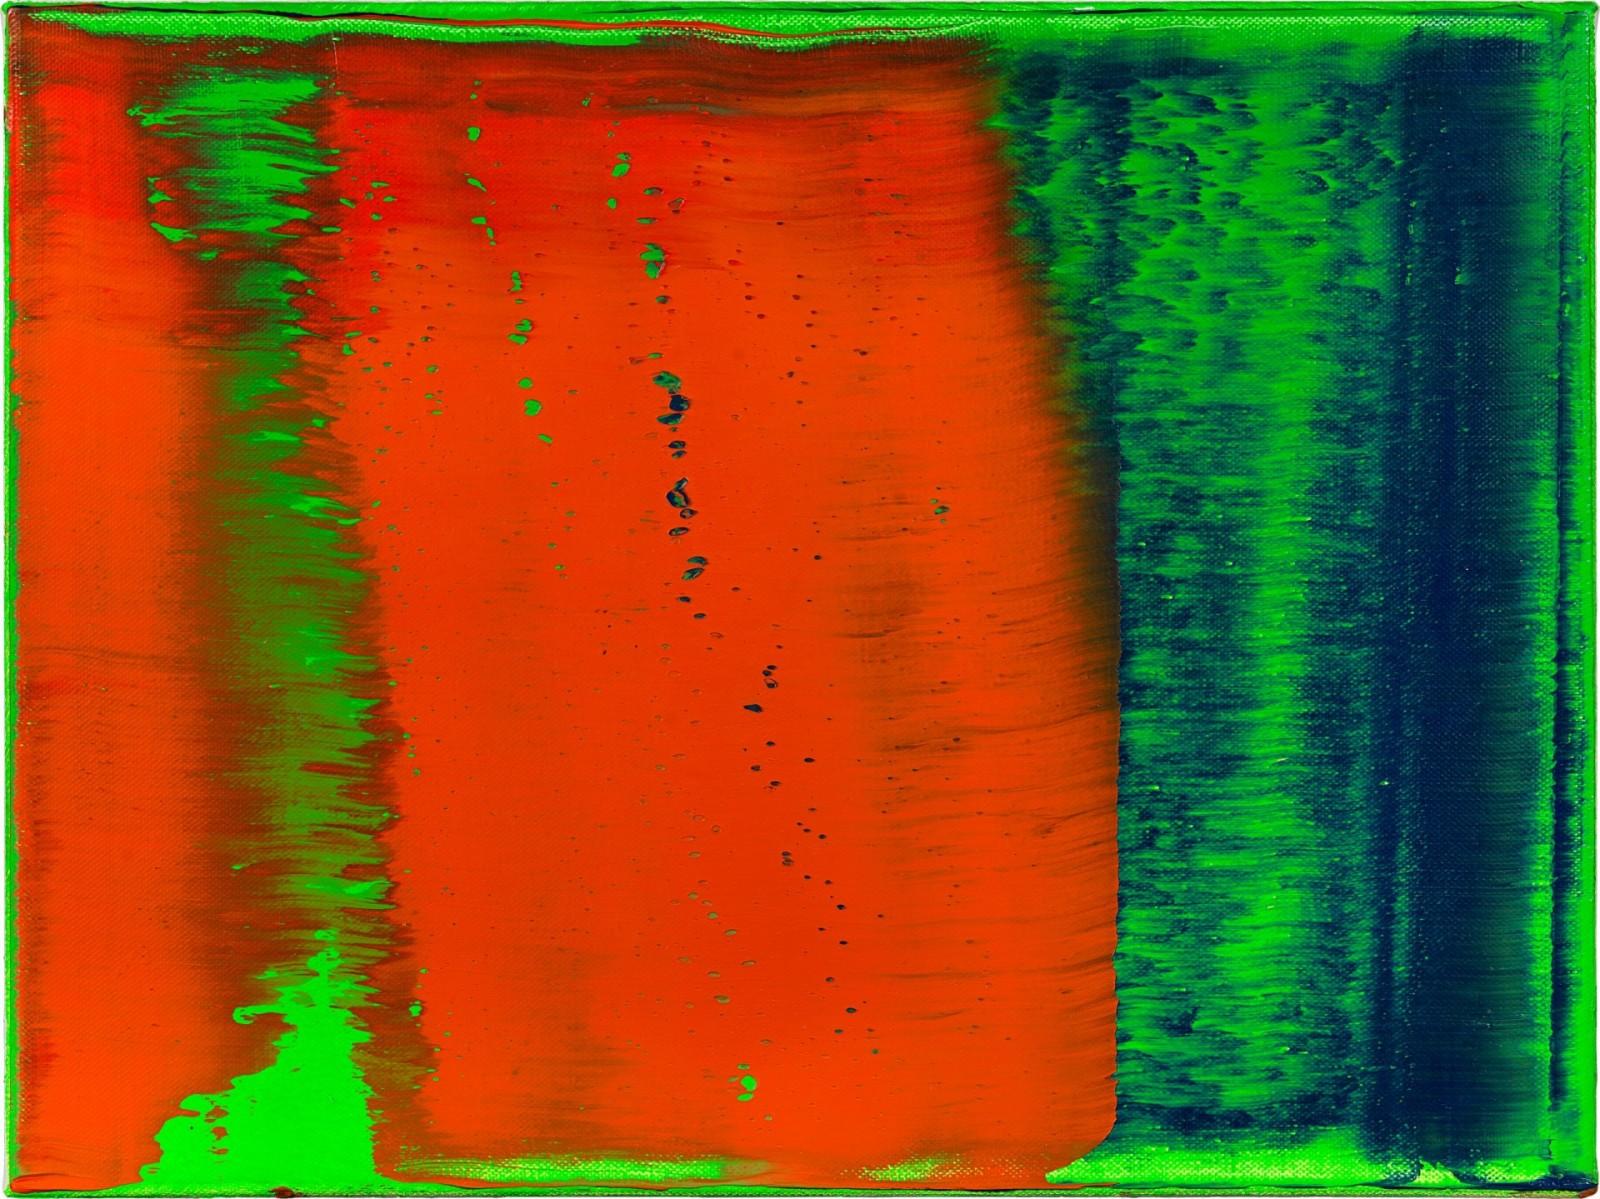 Gerhard Richter - Grün- Blau- Rot (Green-Blue-Red)